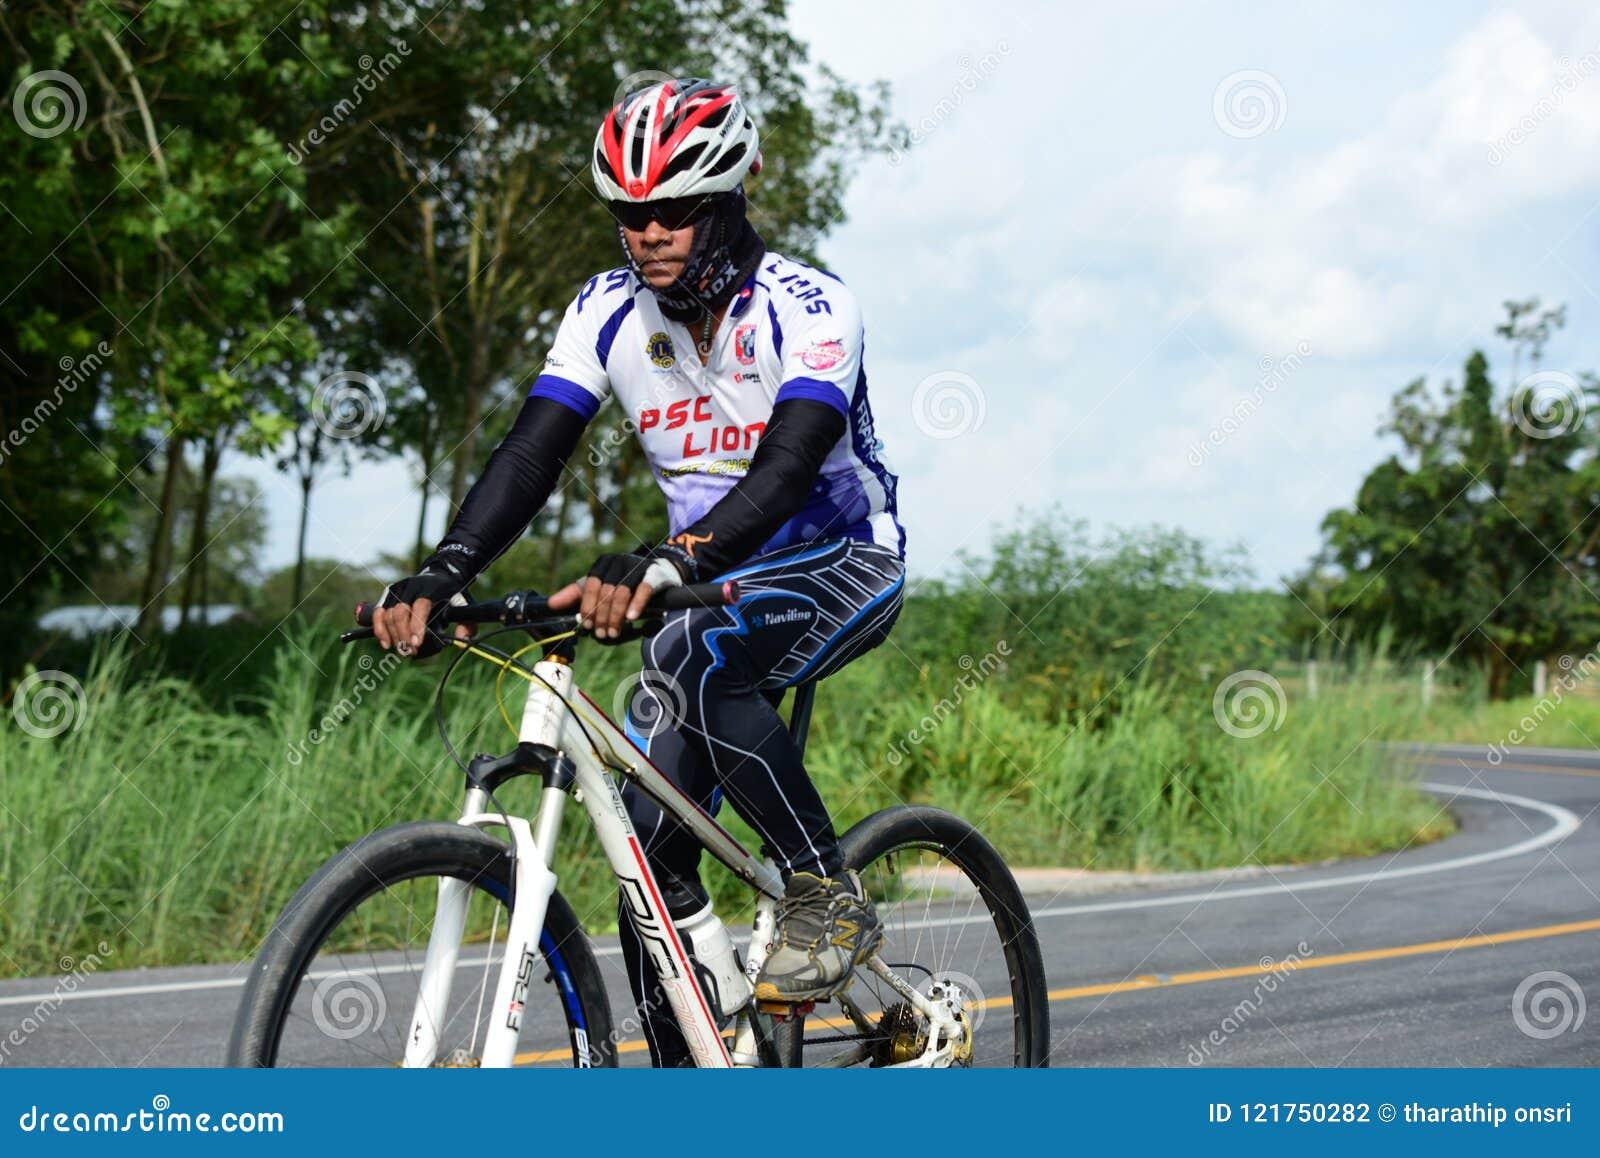 Los atletas aficionados de la bici hacen la mayor parte de sus esfuerzos en el viaje de la caridad de la raza de bicicleta